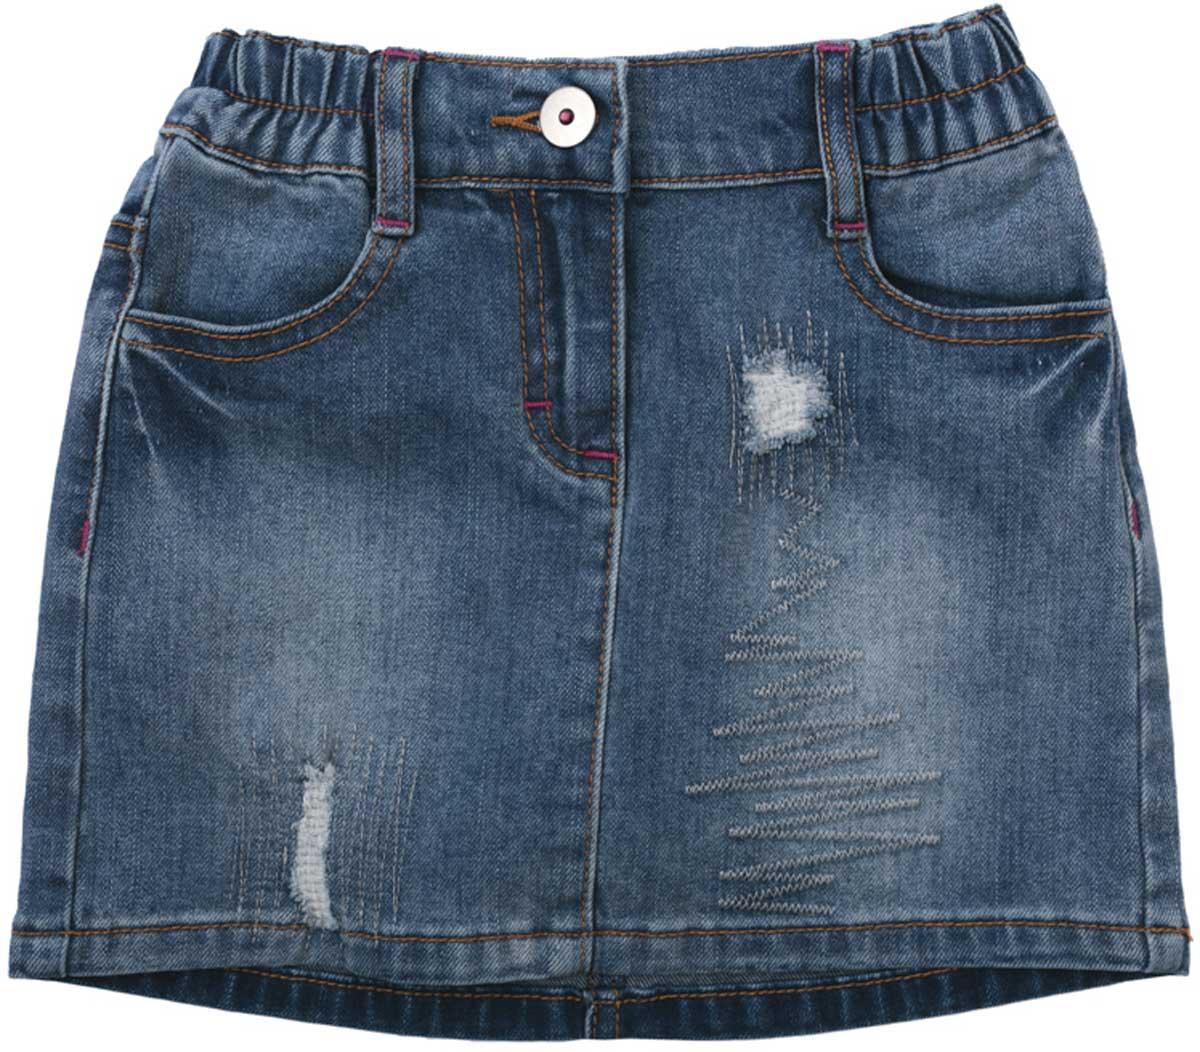 Юбка для девочки PlayToday, цвет: синий. 172062. Размер 98172062Яркая стильная юбка PlayToday станет хорошим дополнением детского гардероба. Юбка на резинке, мягкая ткань не сковывает движений ребенка. Материал приятен к телу и не вызывает раздражений.